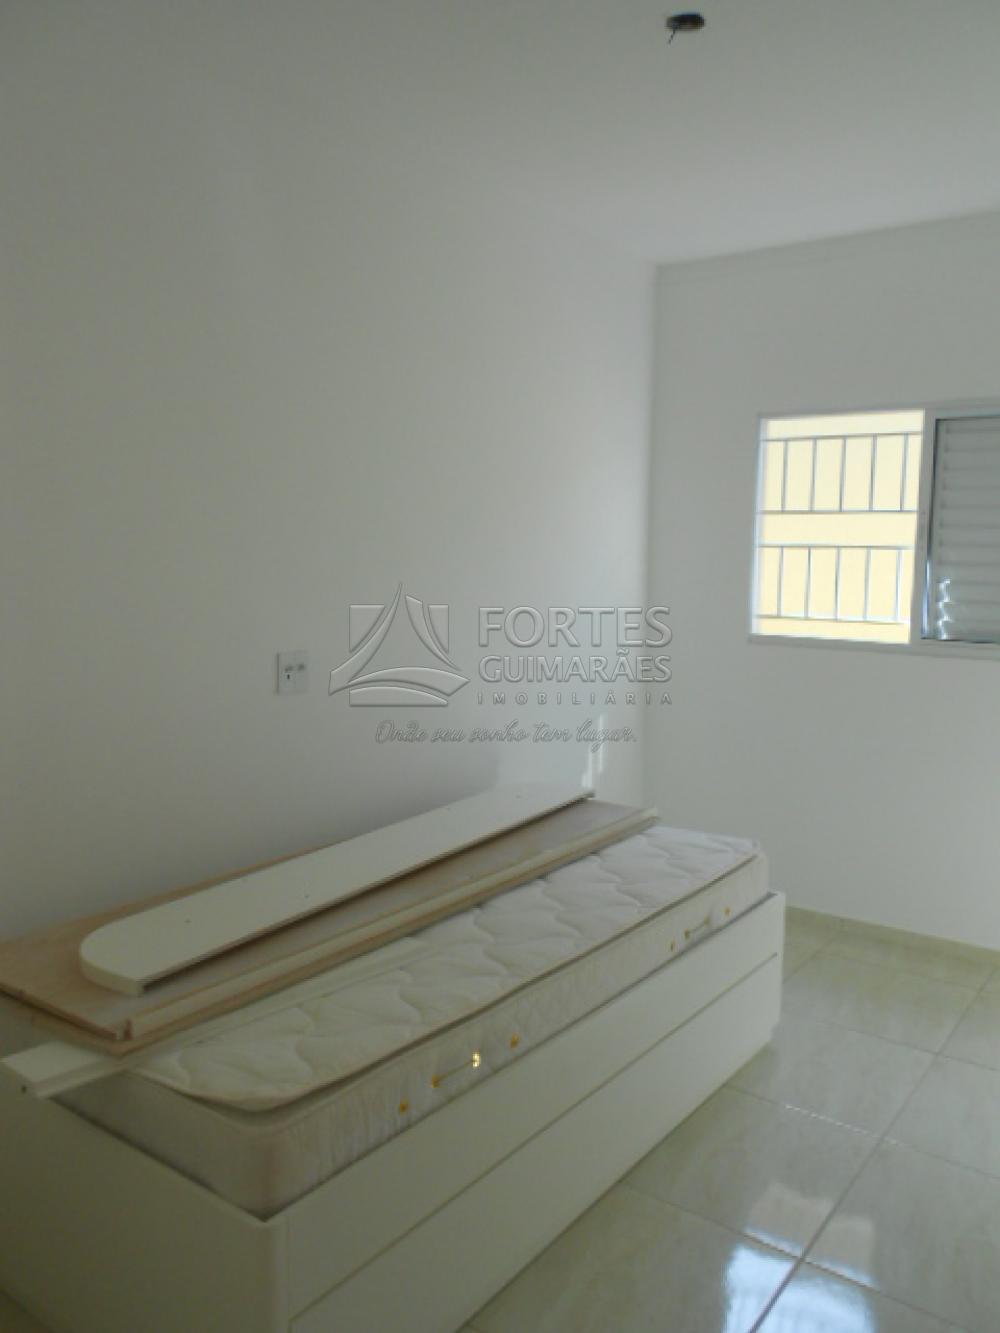 Alugar Casas / Padrão em Bonfim Paulista apenas R$ 1.300,00 - Foto 10